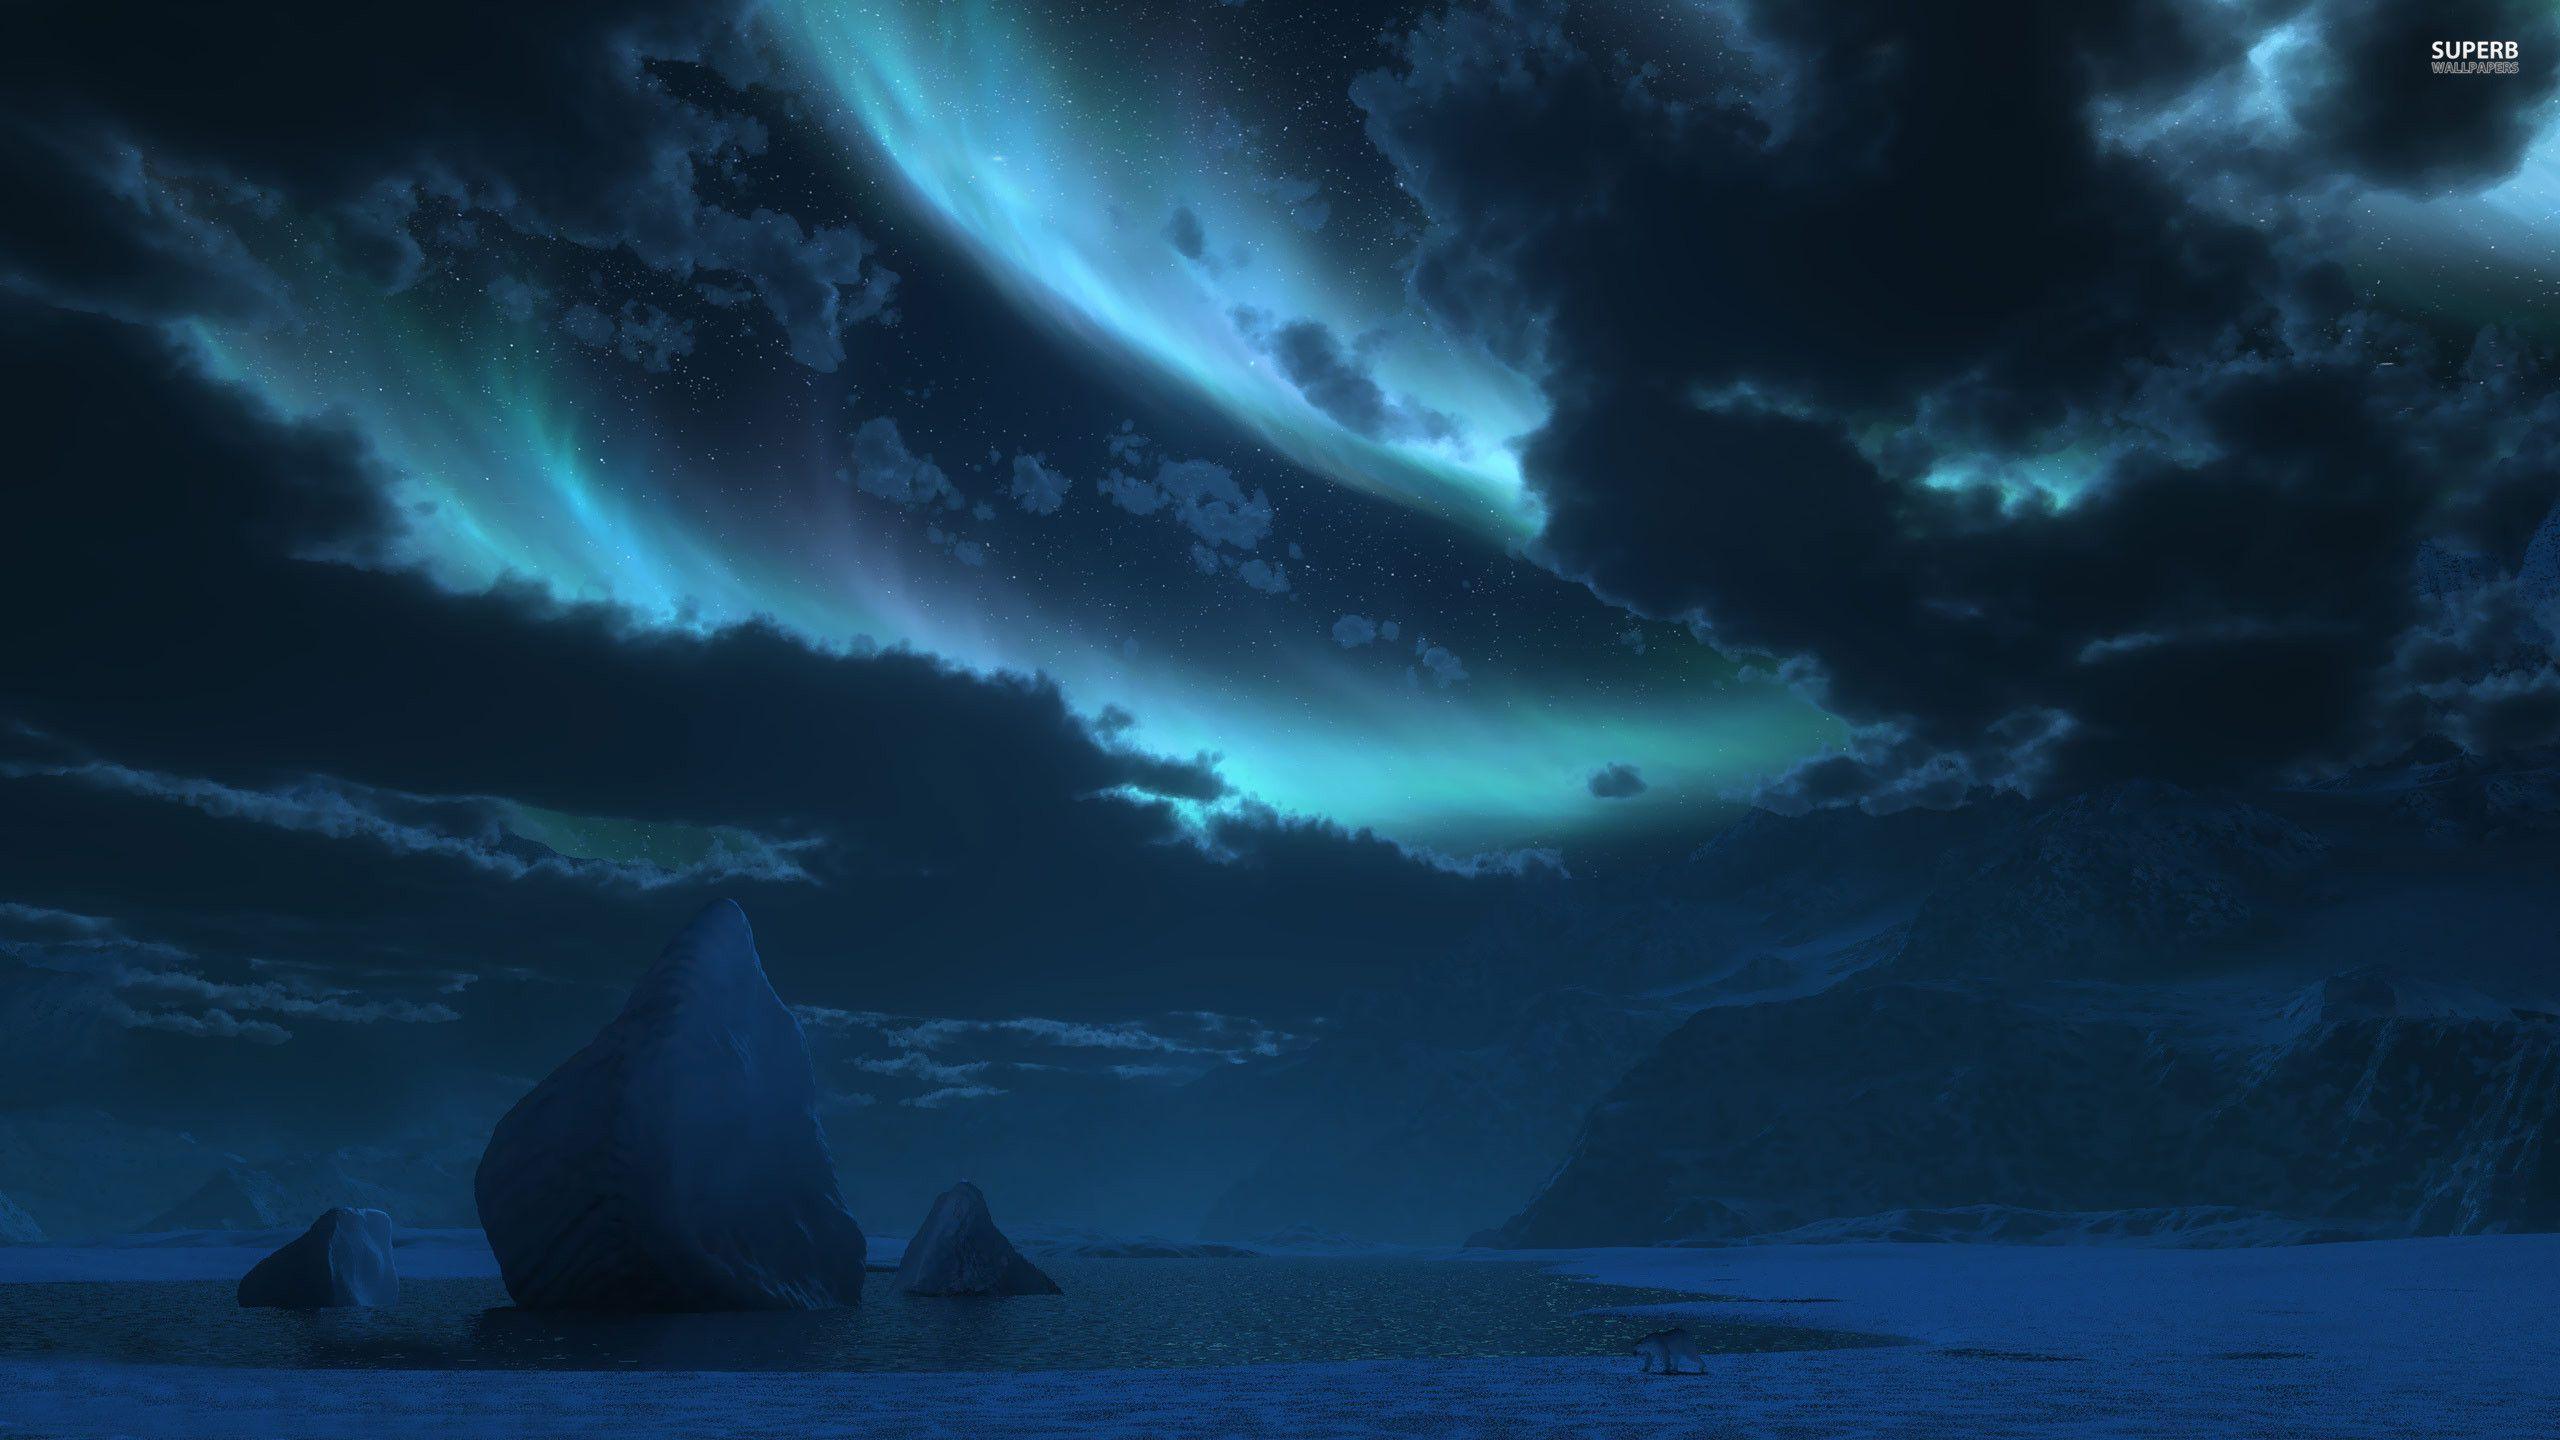 Nin Wallpapers 74 Images: Antarctica Wallpapers